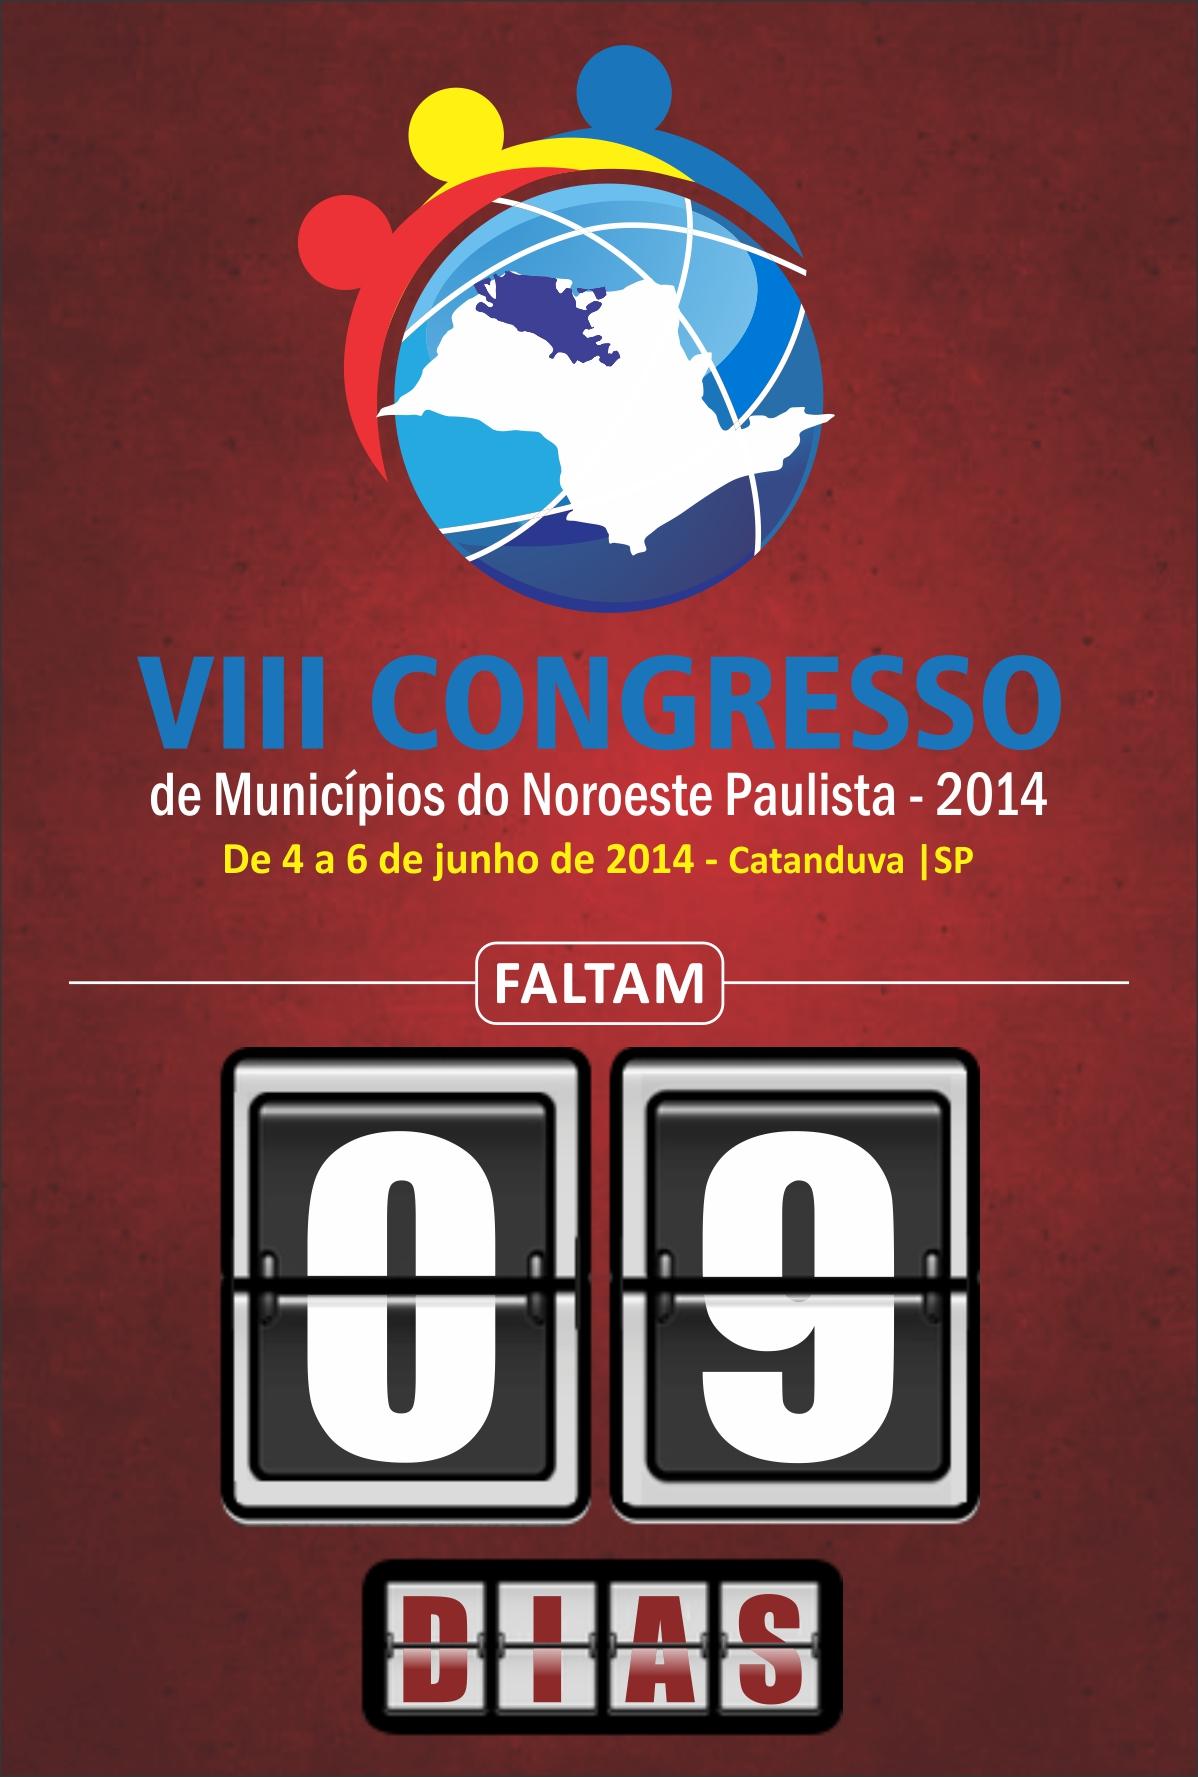 VIII CONGRESSO - CONTAGEM REGRESSIVA